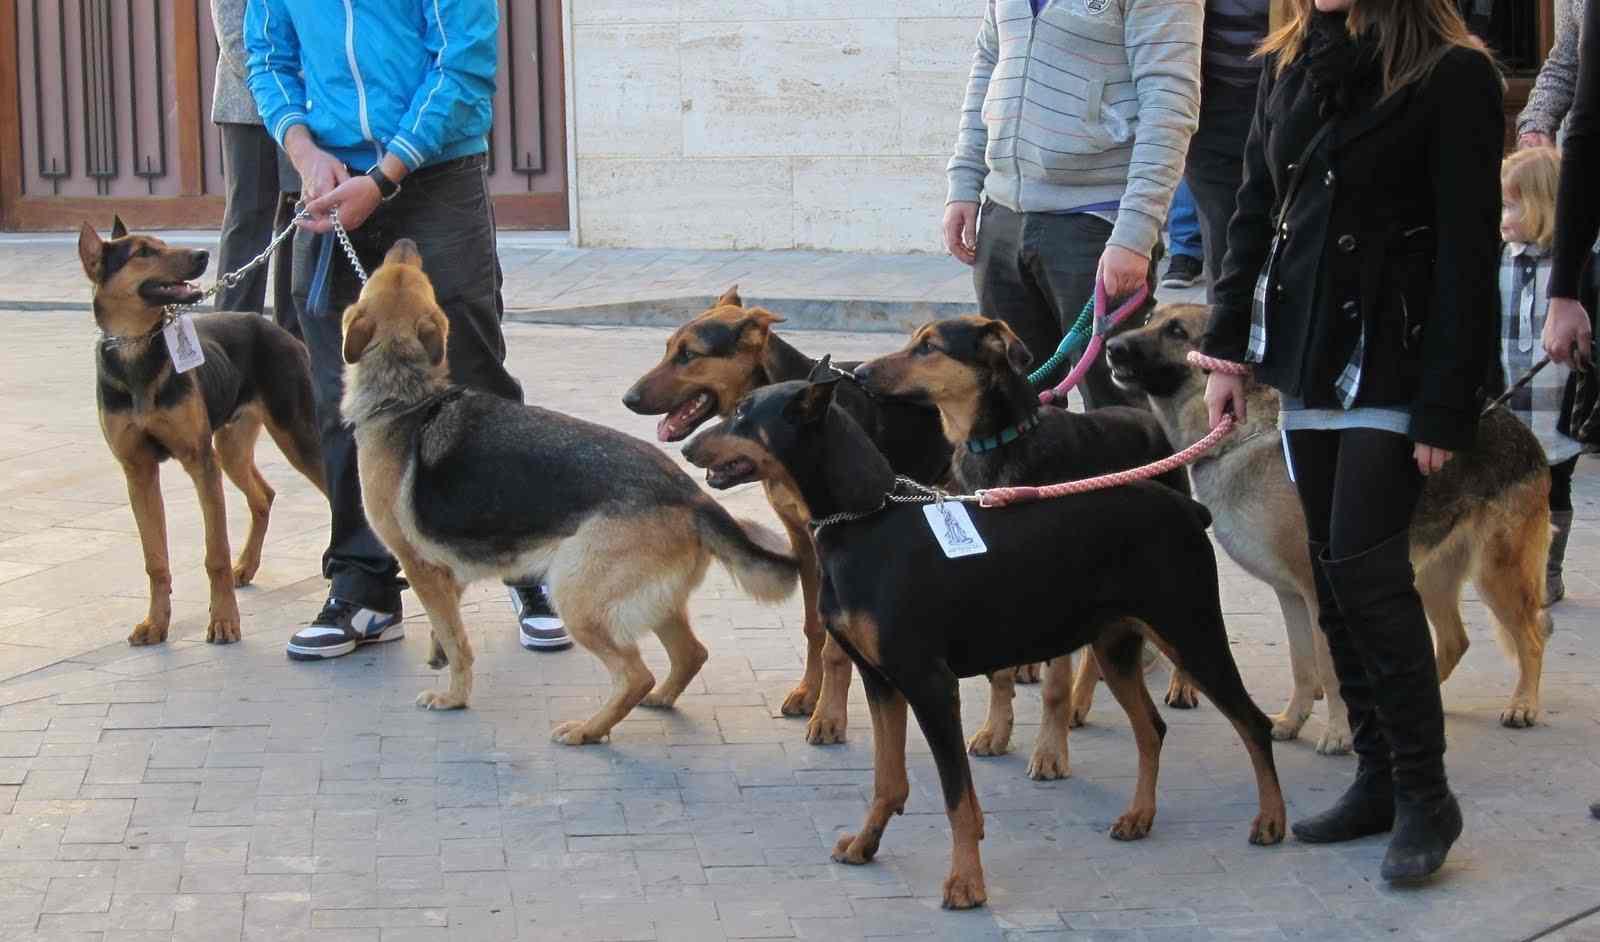 L'ordenança sobre tinença i protecció d'animals d'Onil començarà a estudiar-se en el pròxim plenari